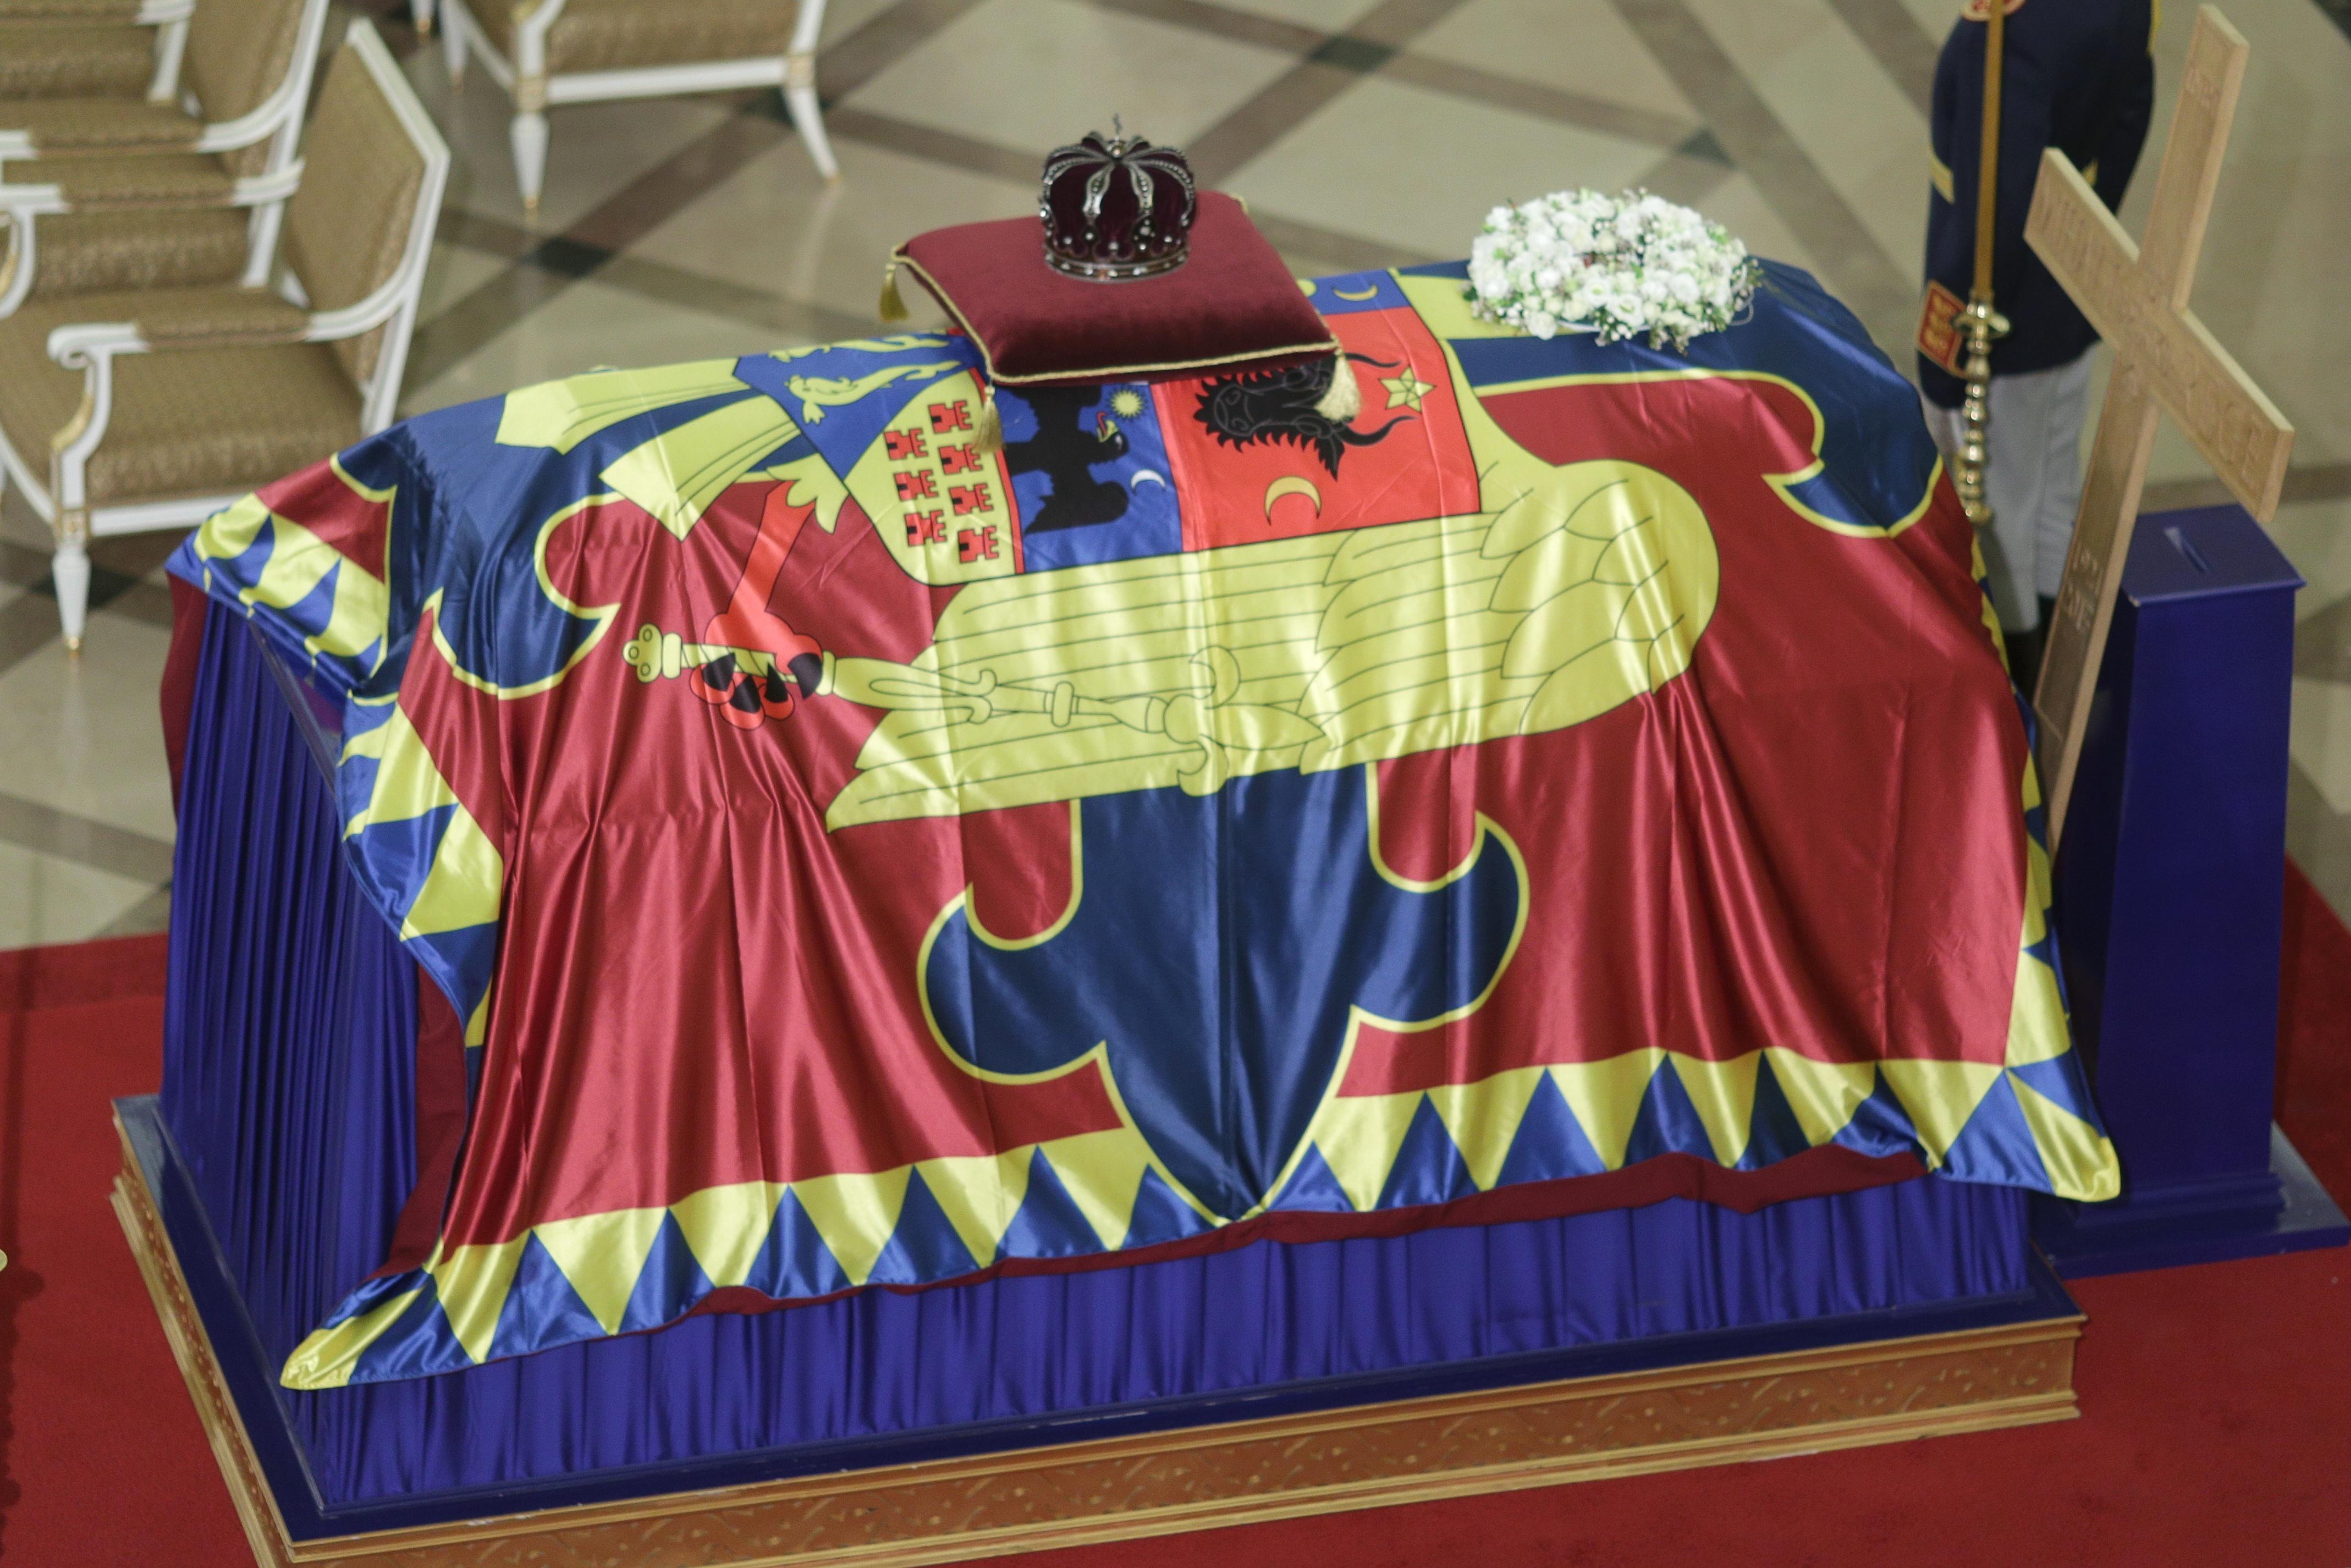 FOTO VIDEO Regele Mihai, pentru ultima oara la Palatul Regal. Programul funeraliilor